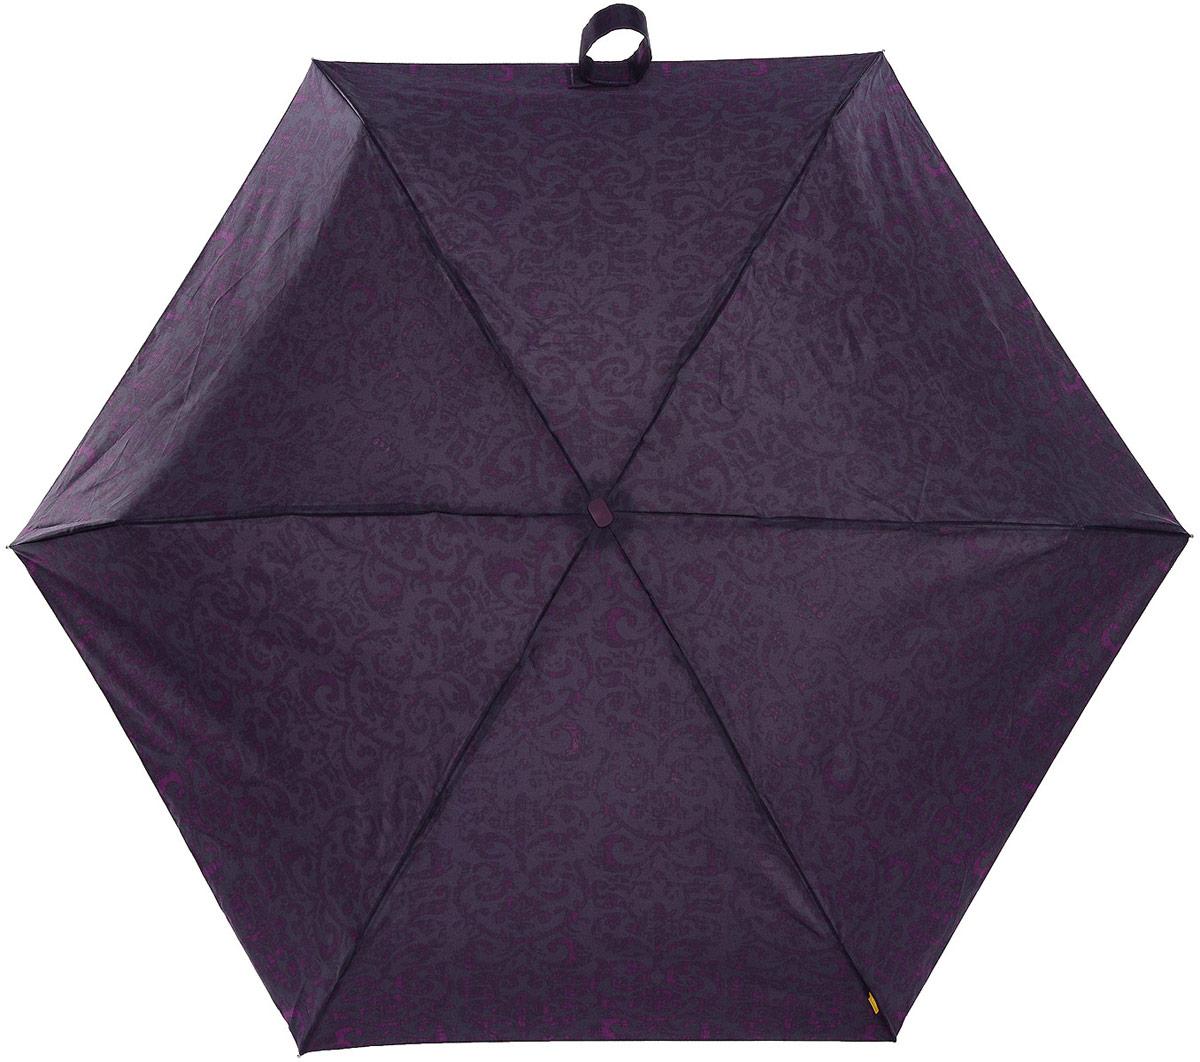 Зонт женский Zest, механический, 5 сложений, цвет: фиолетовый, черный. 25518-32525518-325Зонт классической модели из мягкой и приятной на ощупь ткани, знаменитое венгерское качество имеющее многовековую традицию.